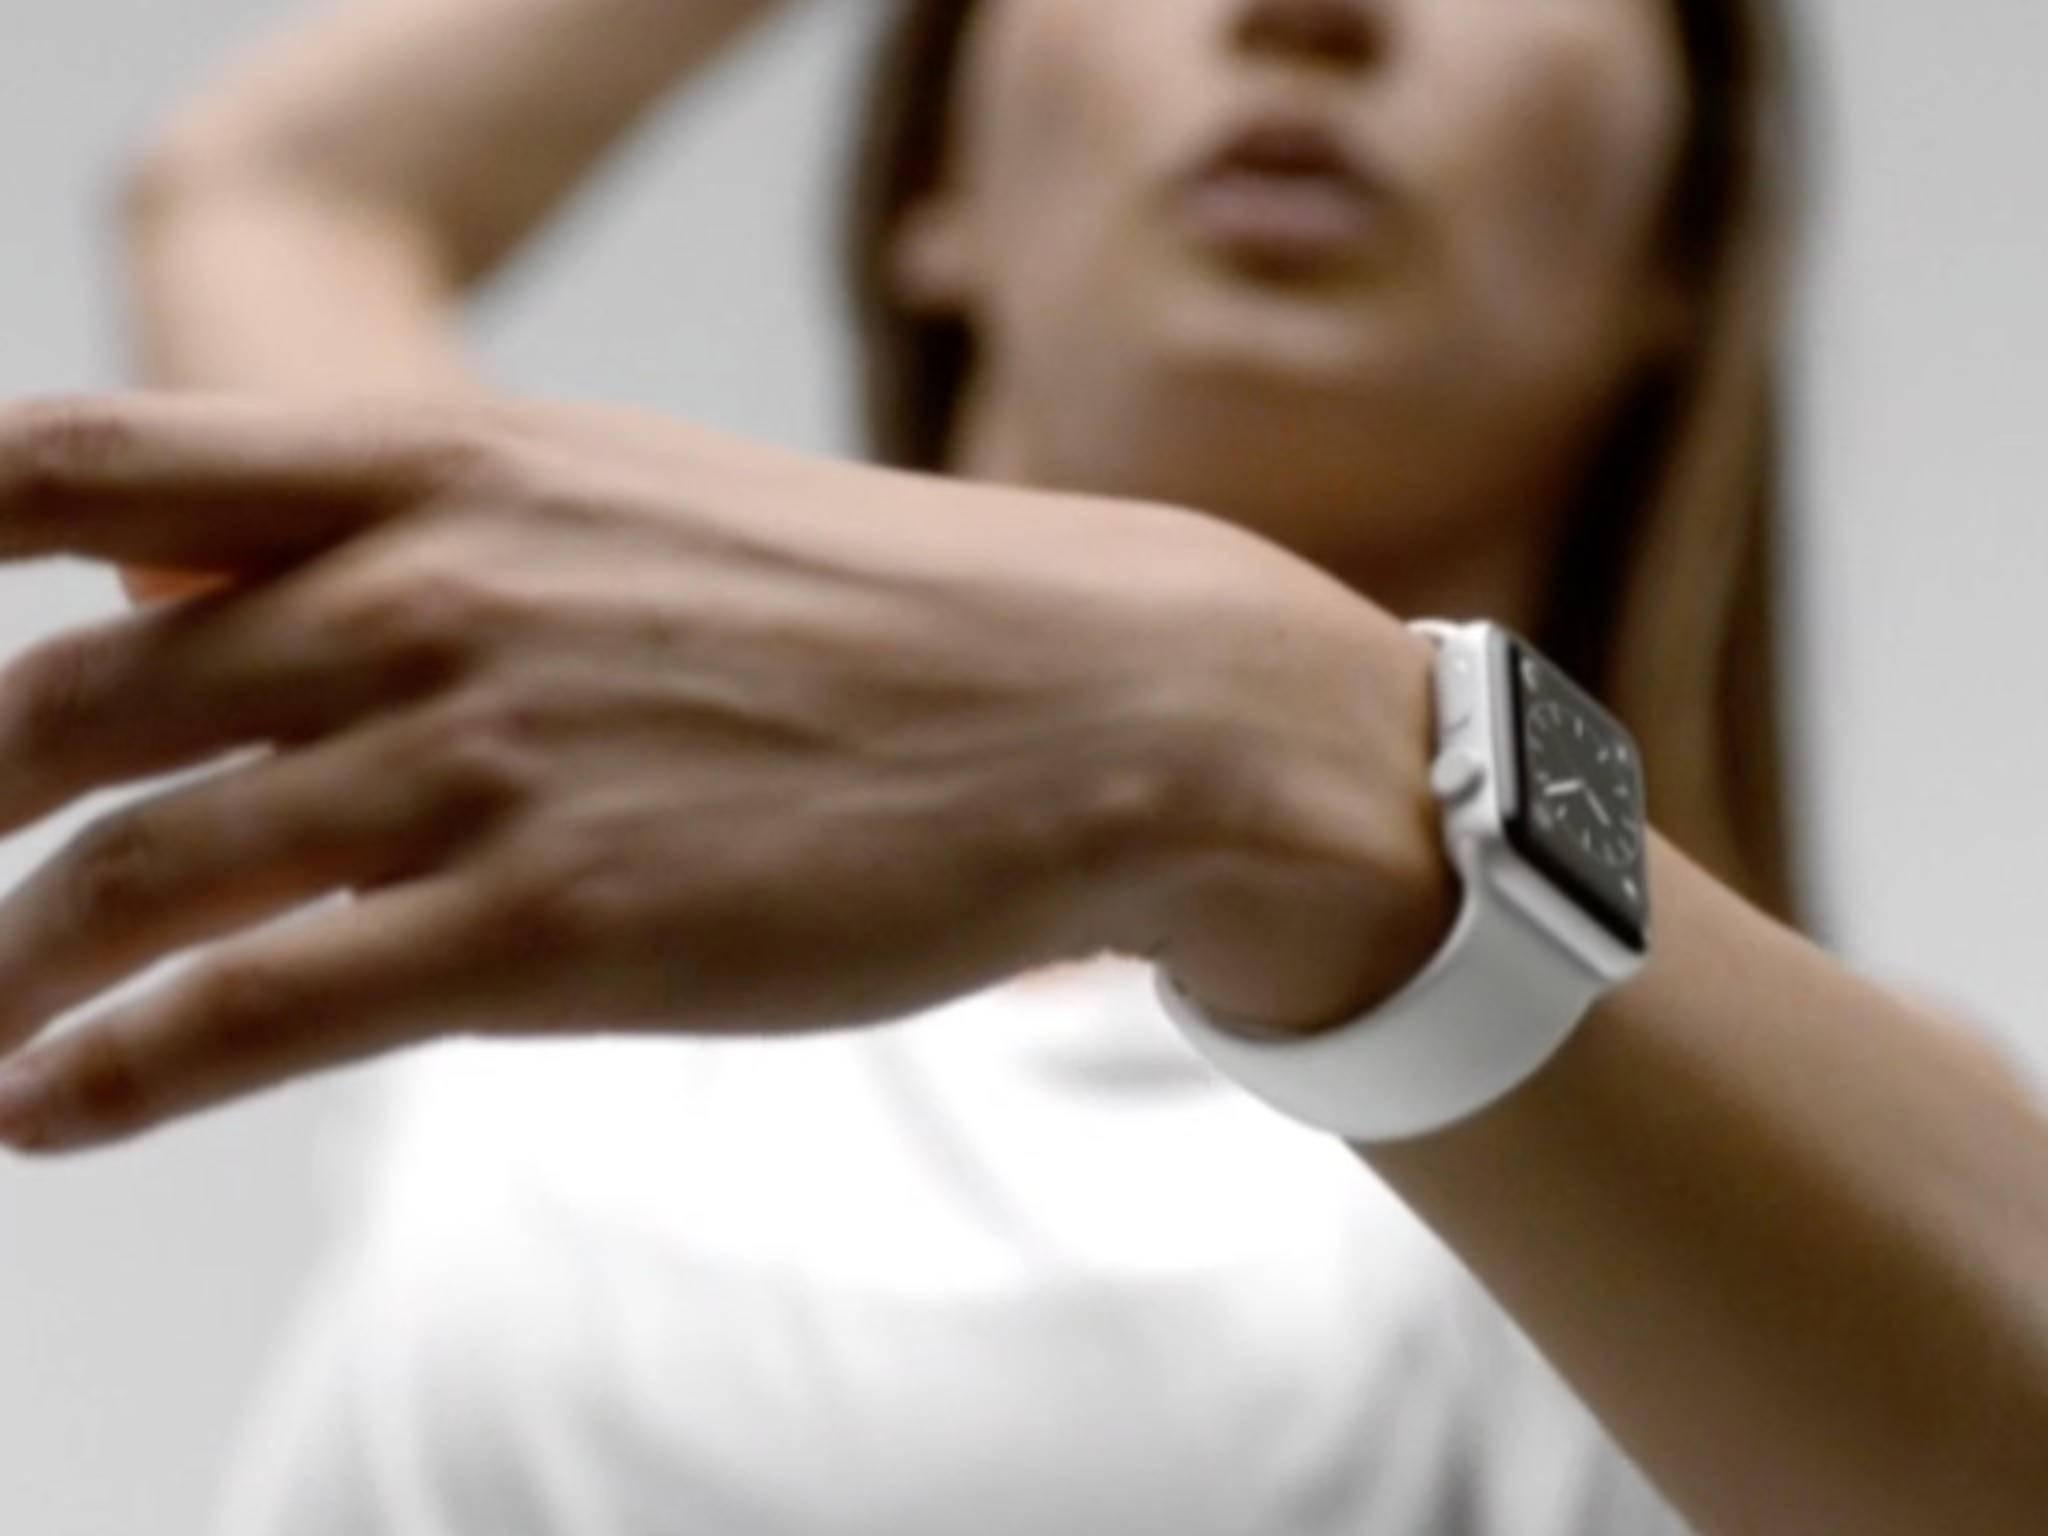 Die Apple Watch Series 2 bietet keine FaceTime-Kamera, wie vorab vermutet wurde.